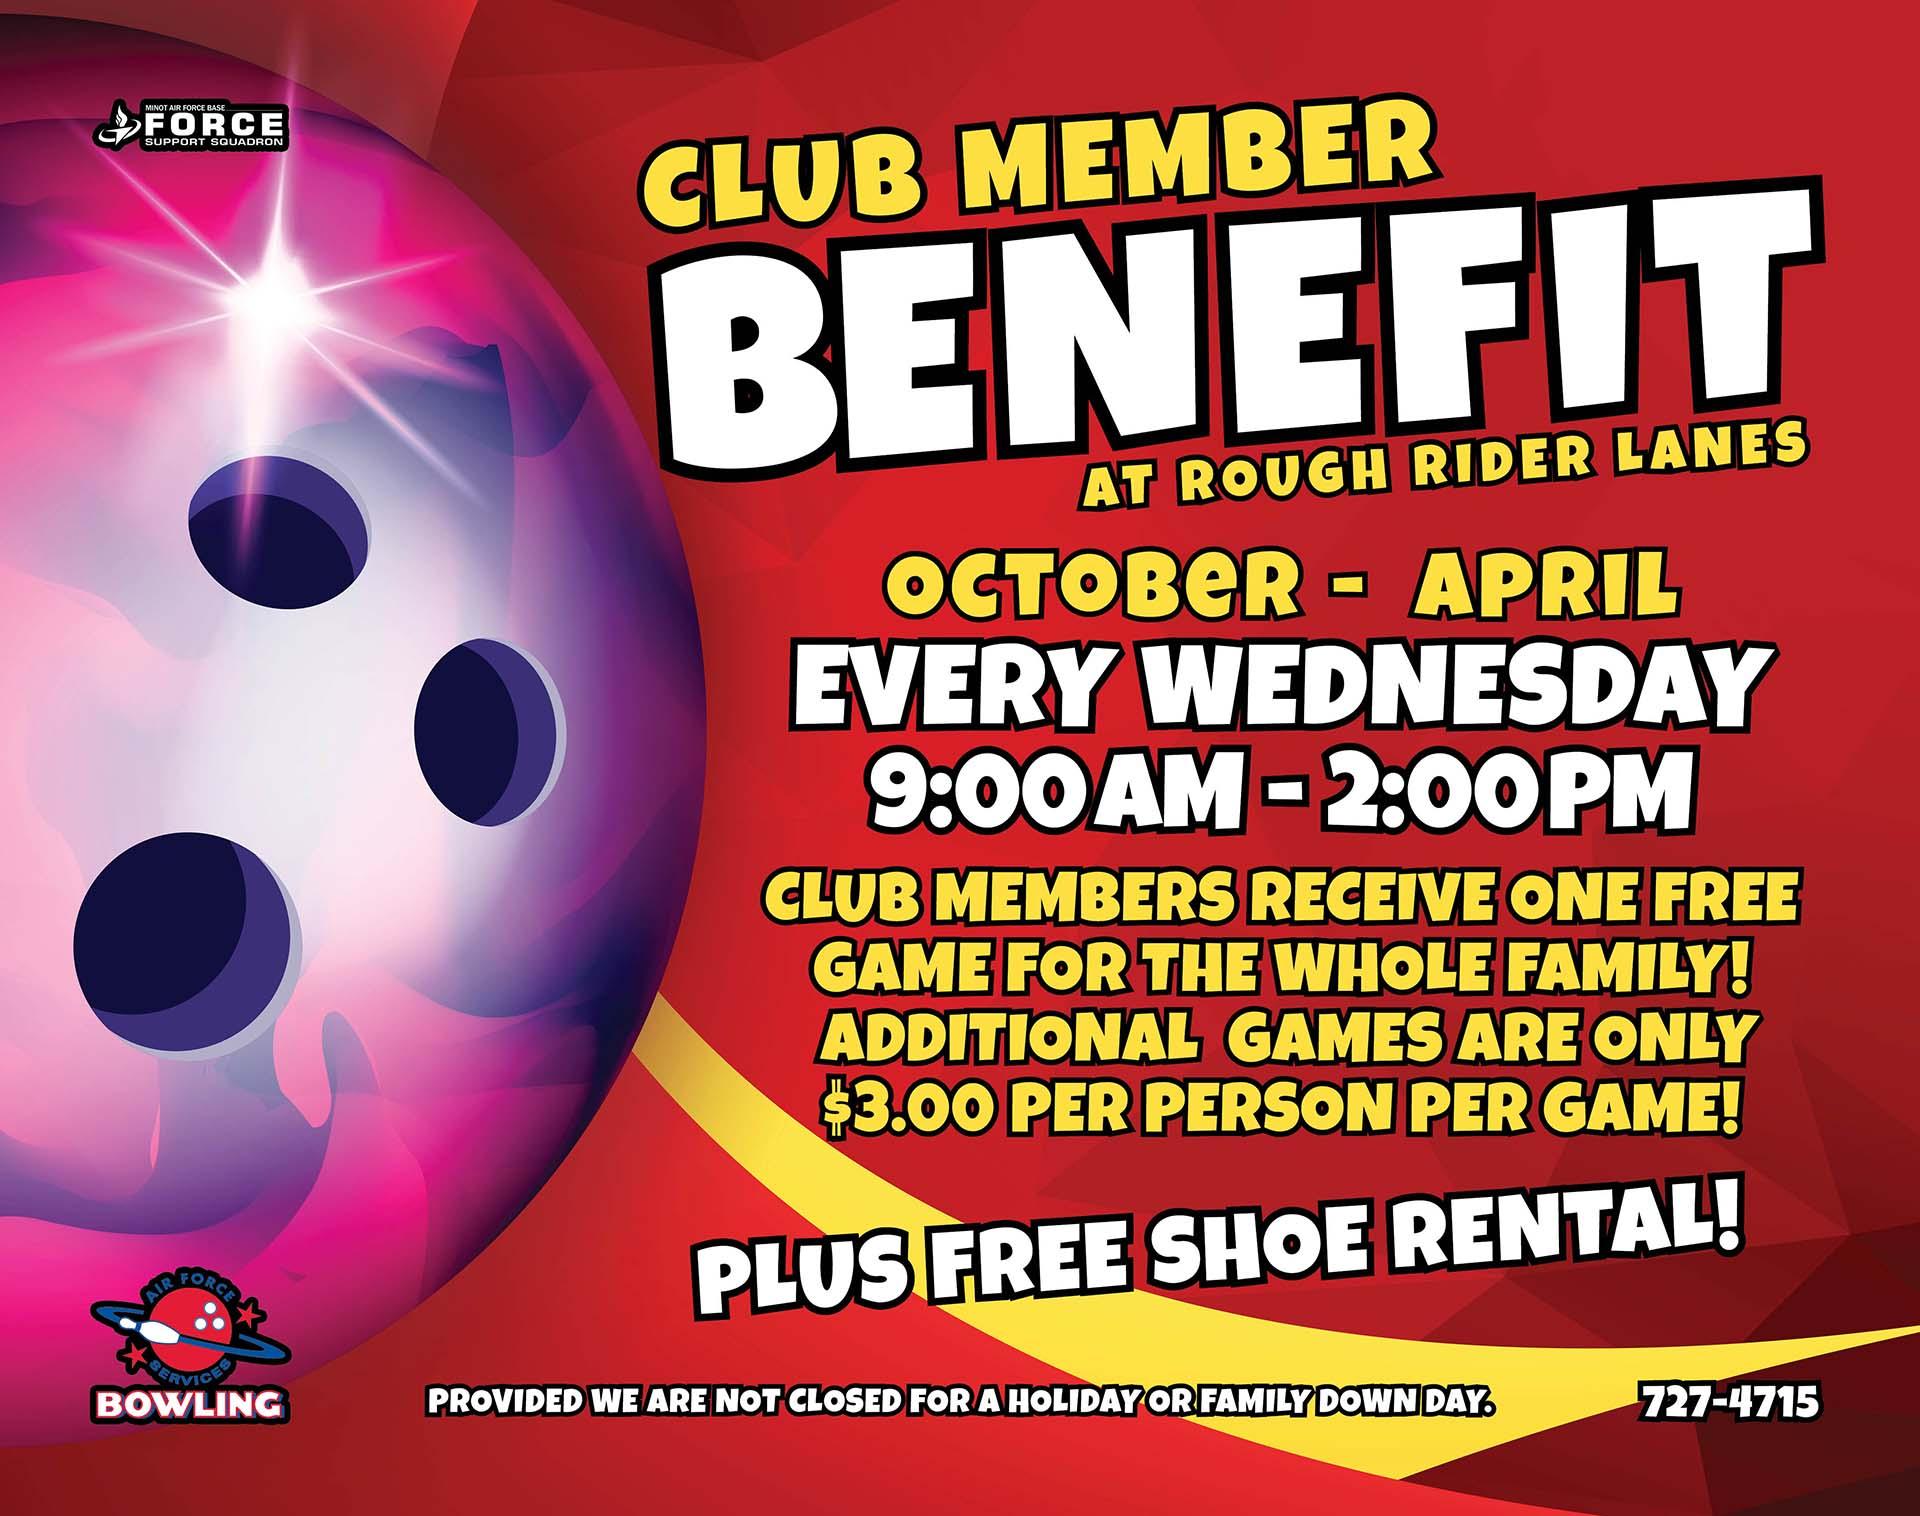 Club Member Benefit